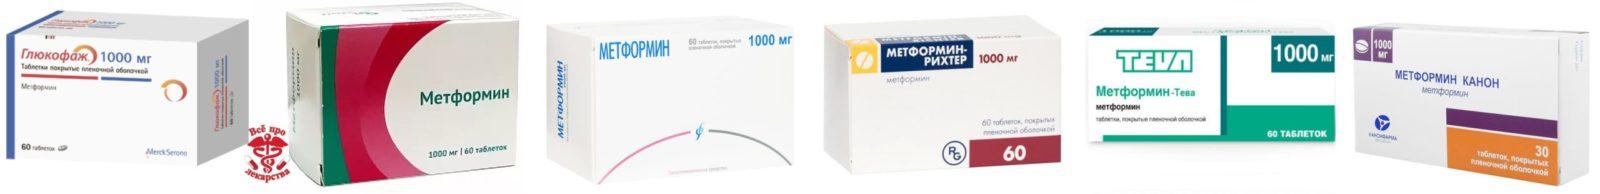 Метформин и Глюкофаж - это одно и то же